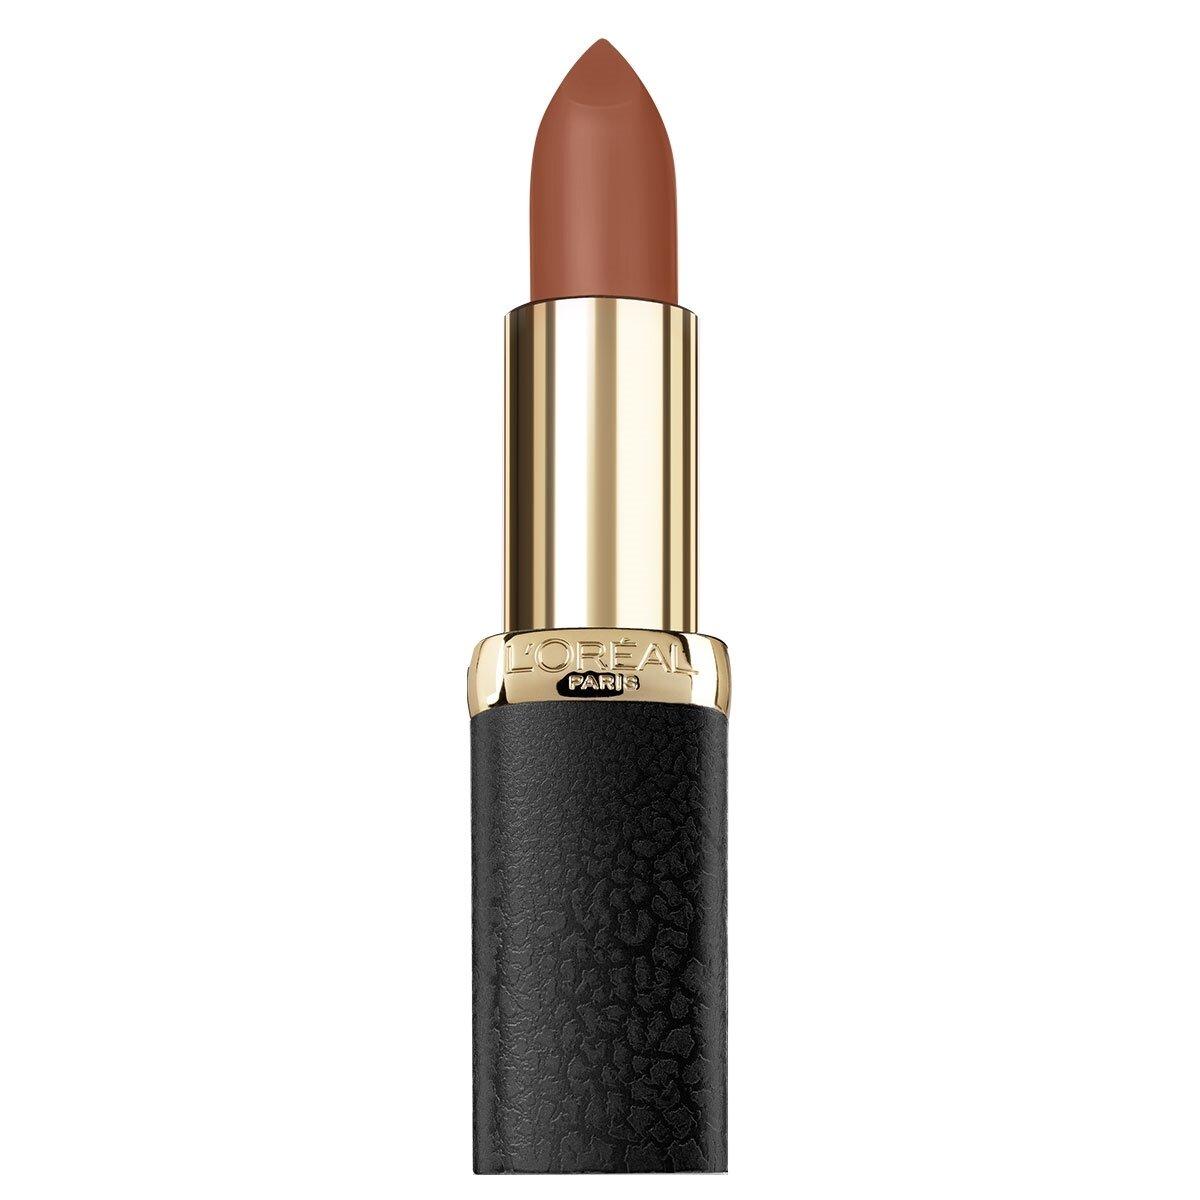 Color Riche Matte Lipstick Ruj No. 634